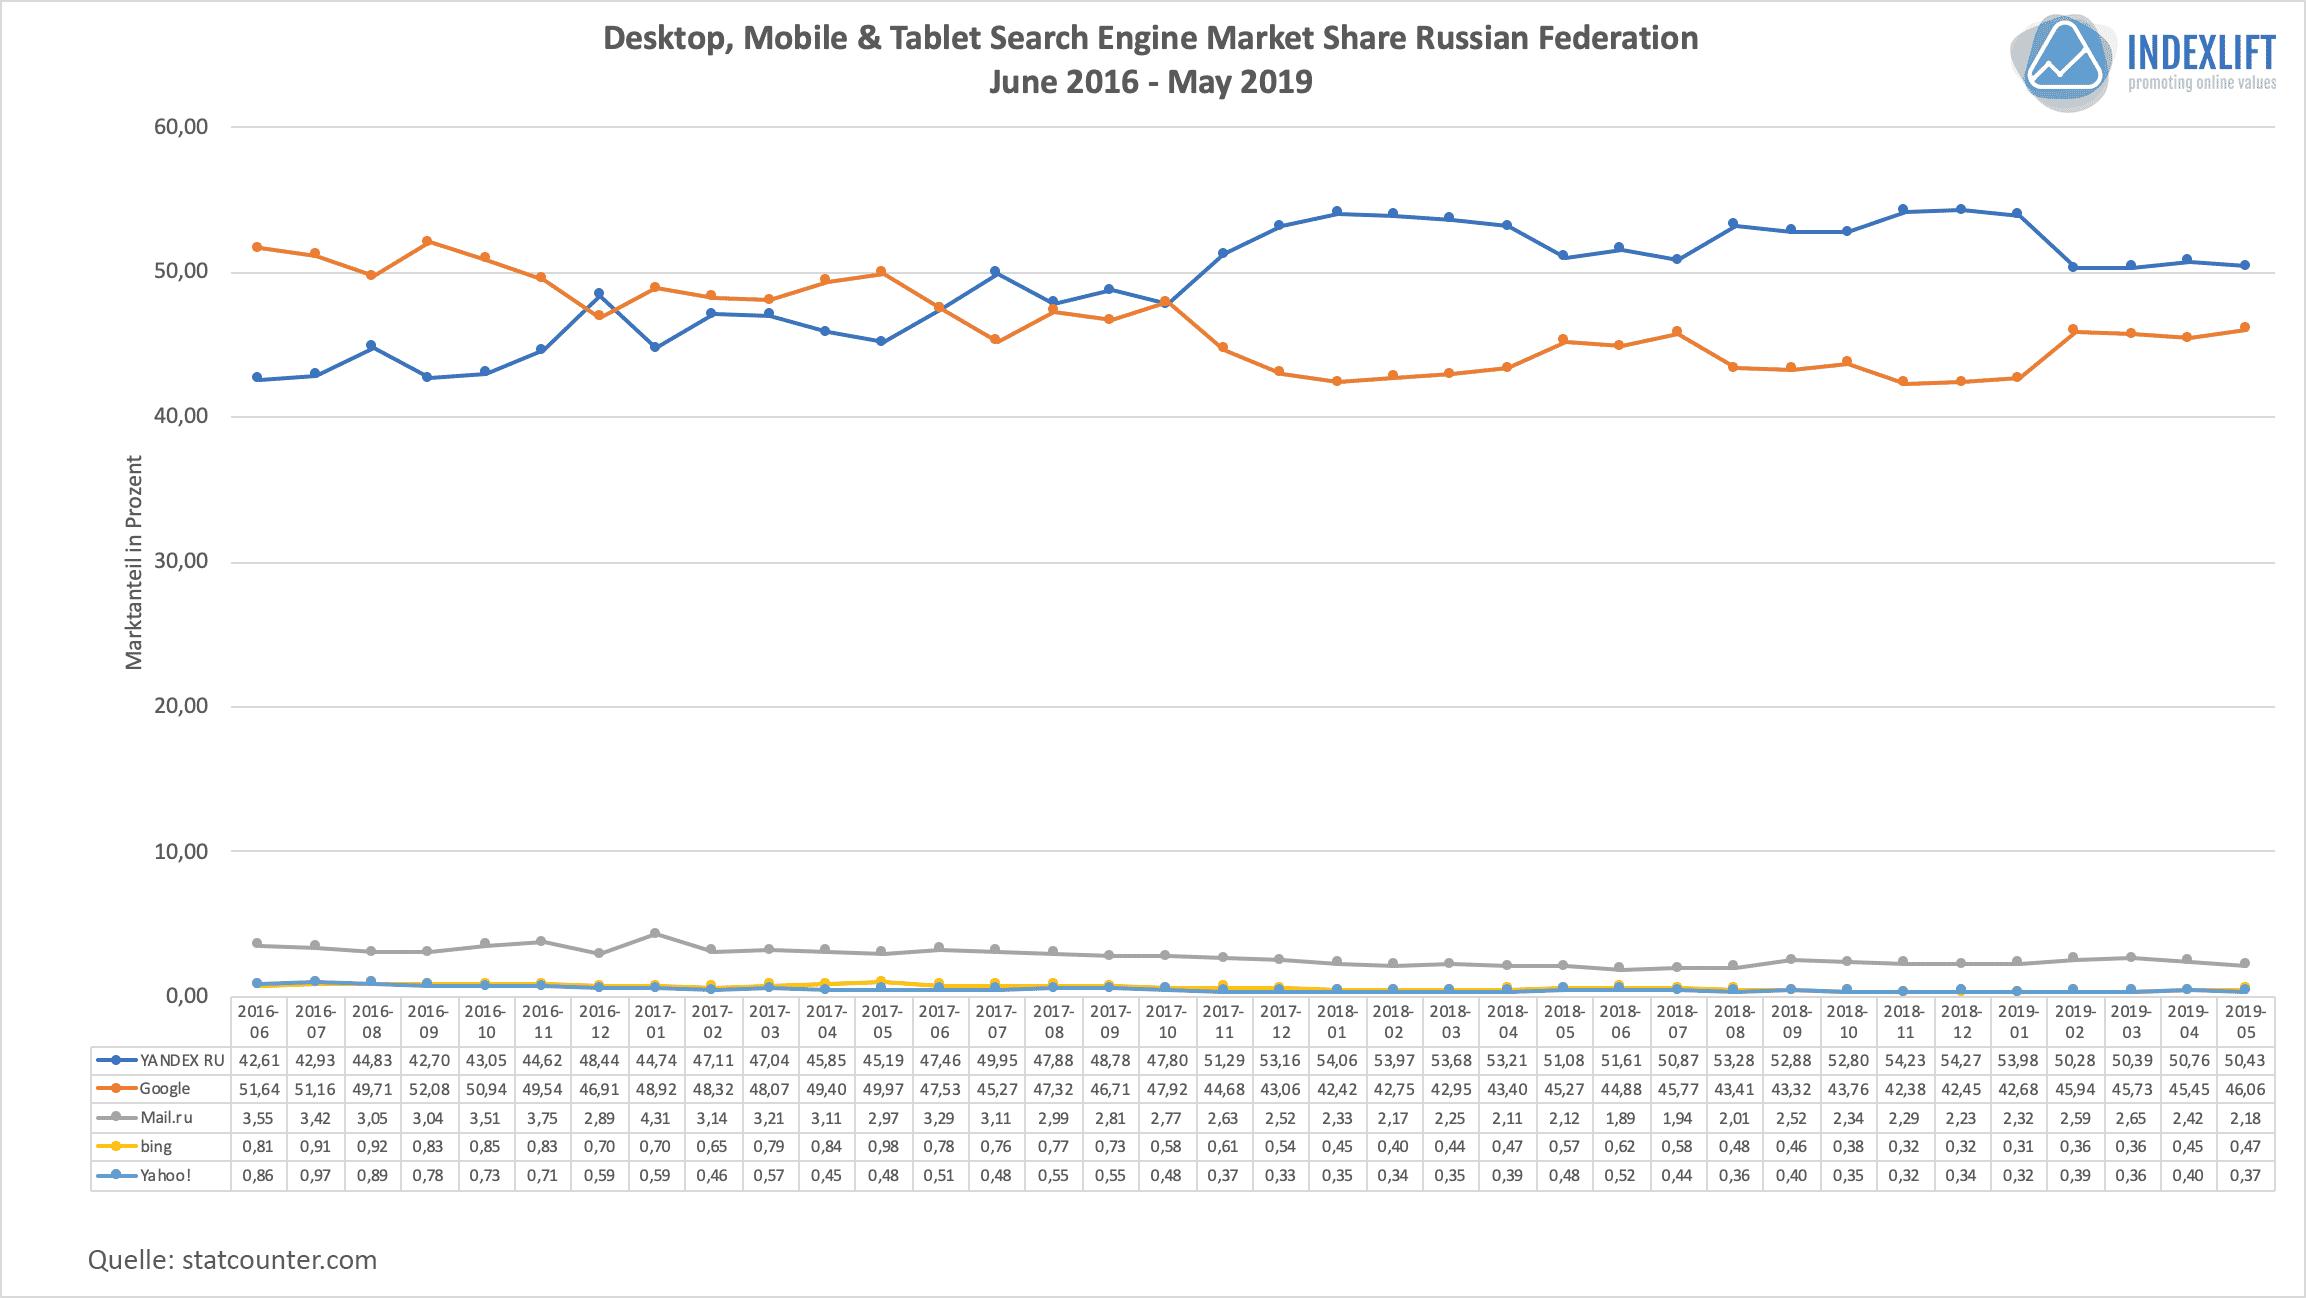 Suchmaschinen-Verteilung in der Russischen Förderation